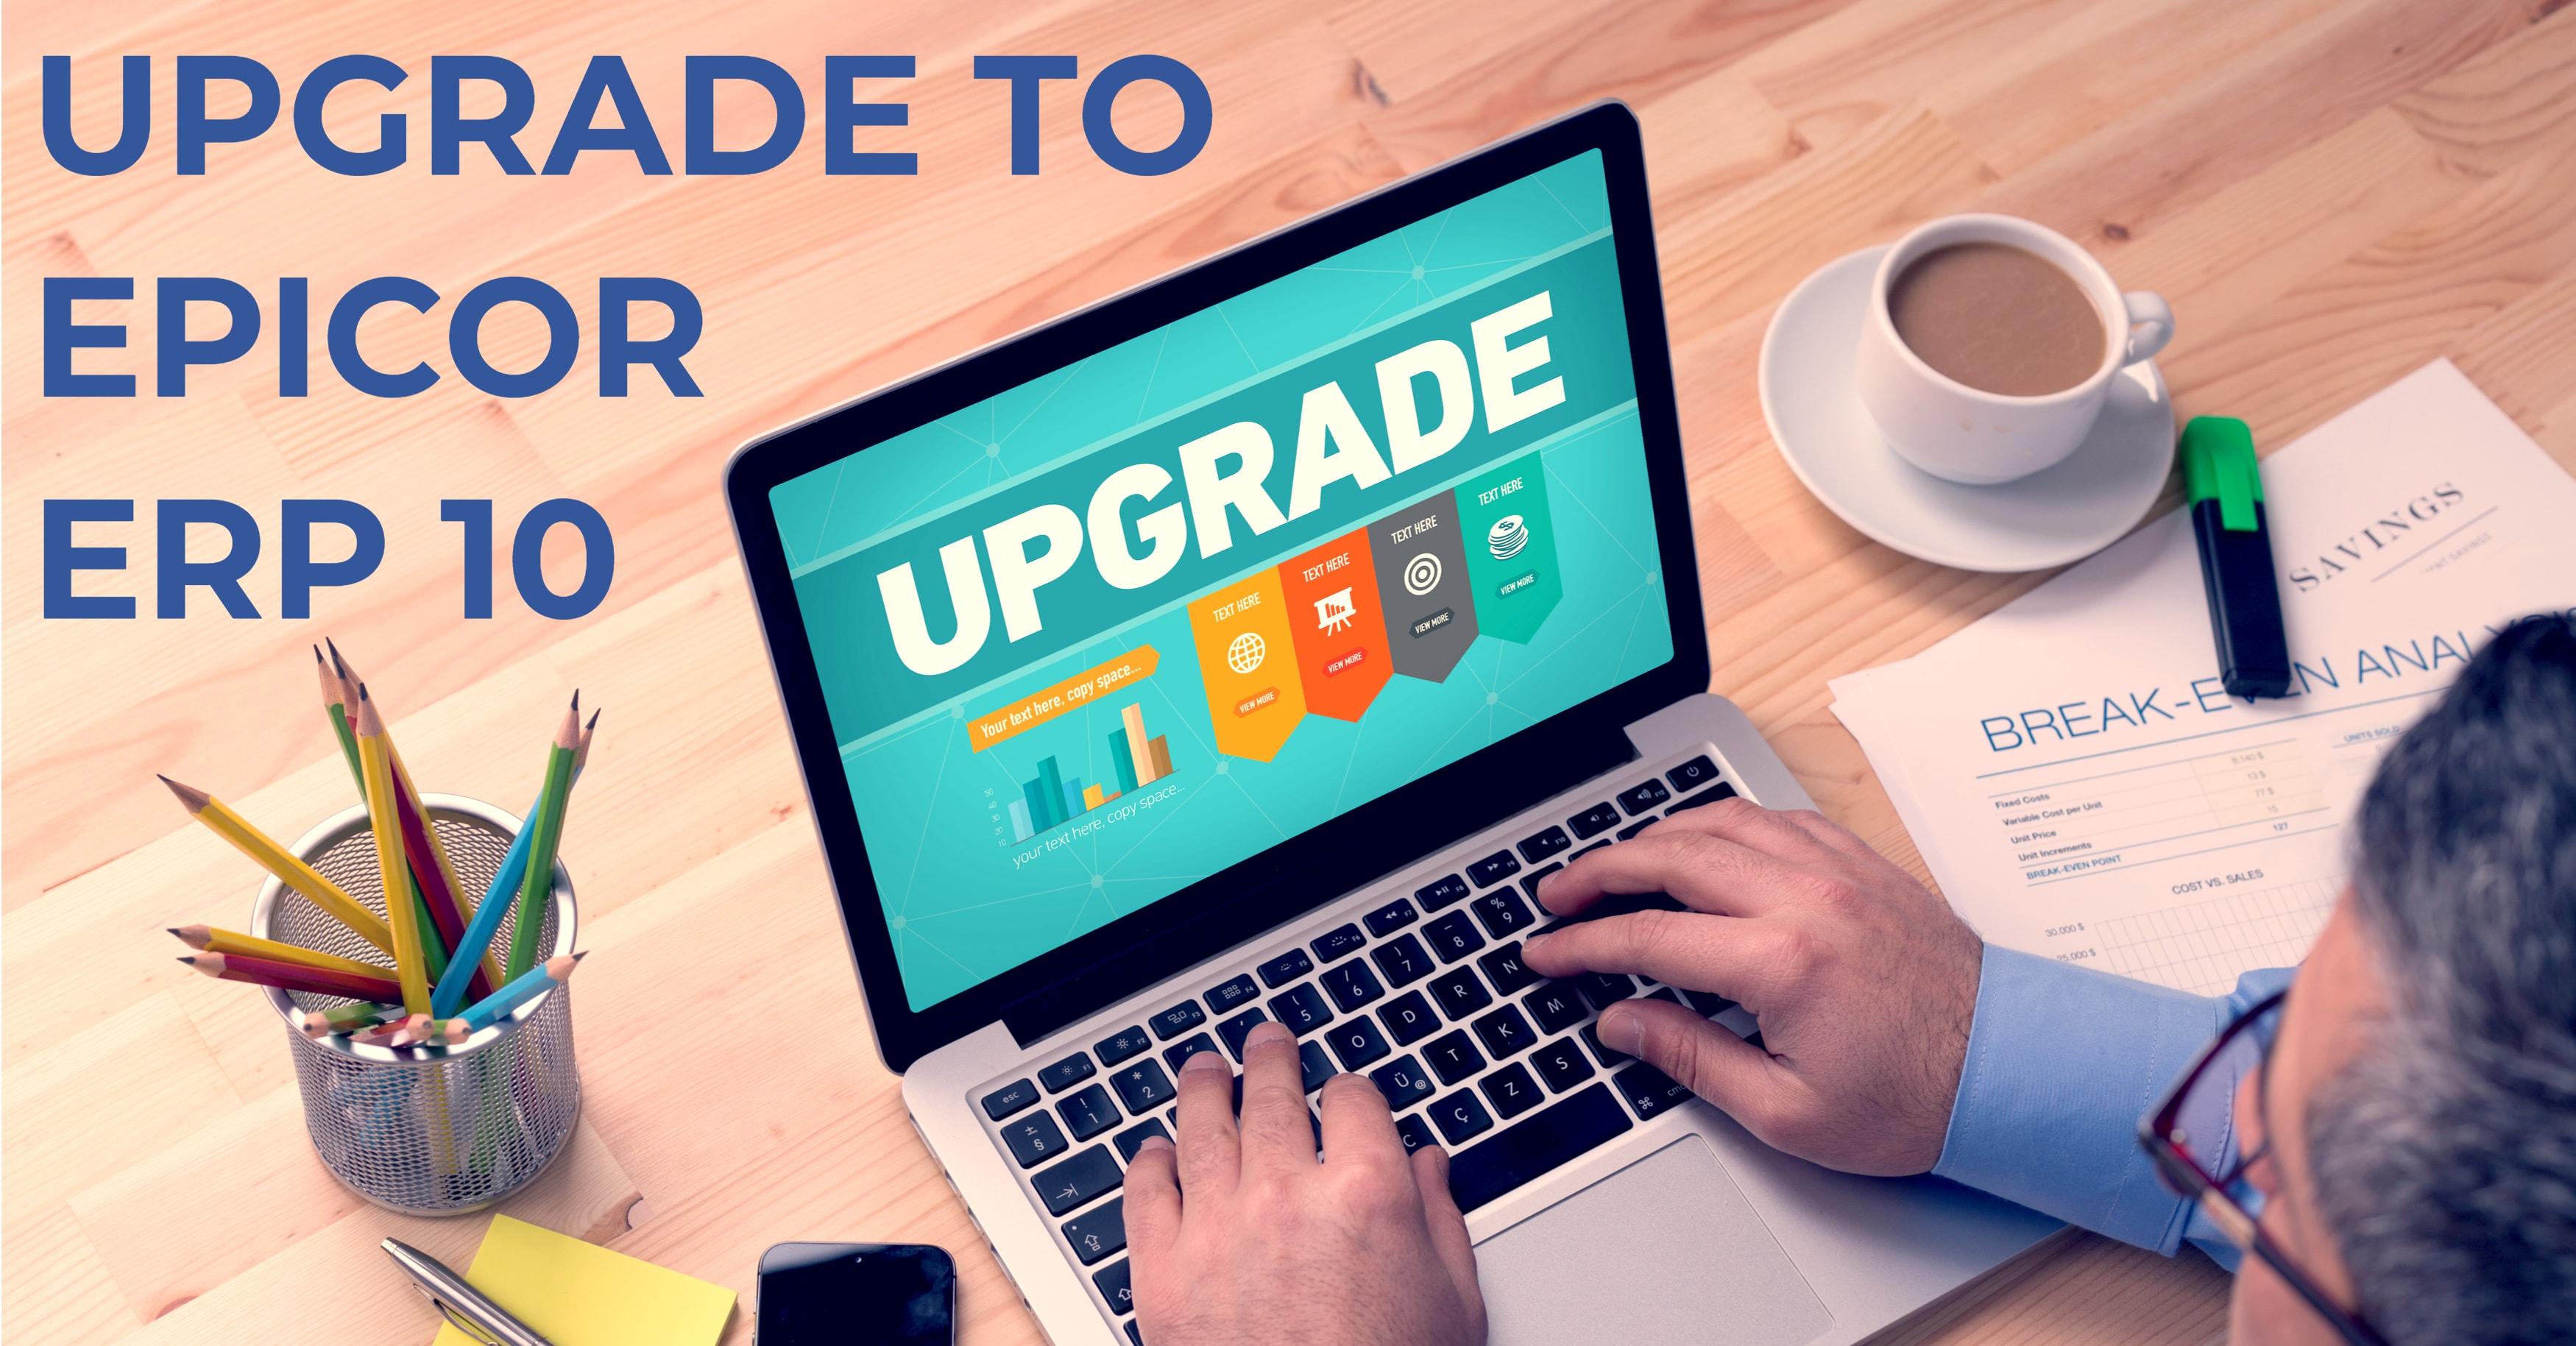 Epicor ERP 10 Upgrade